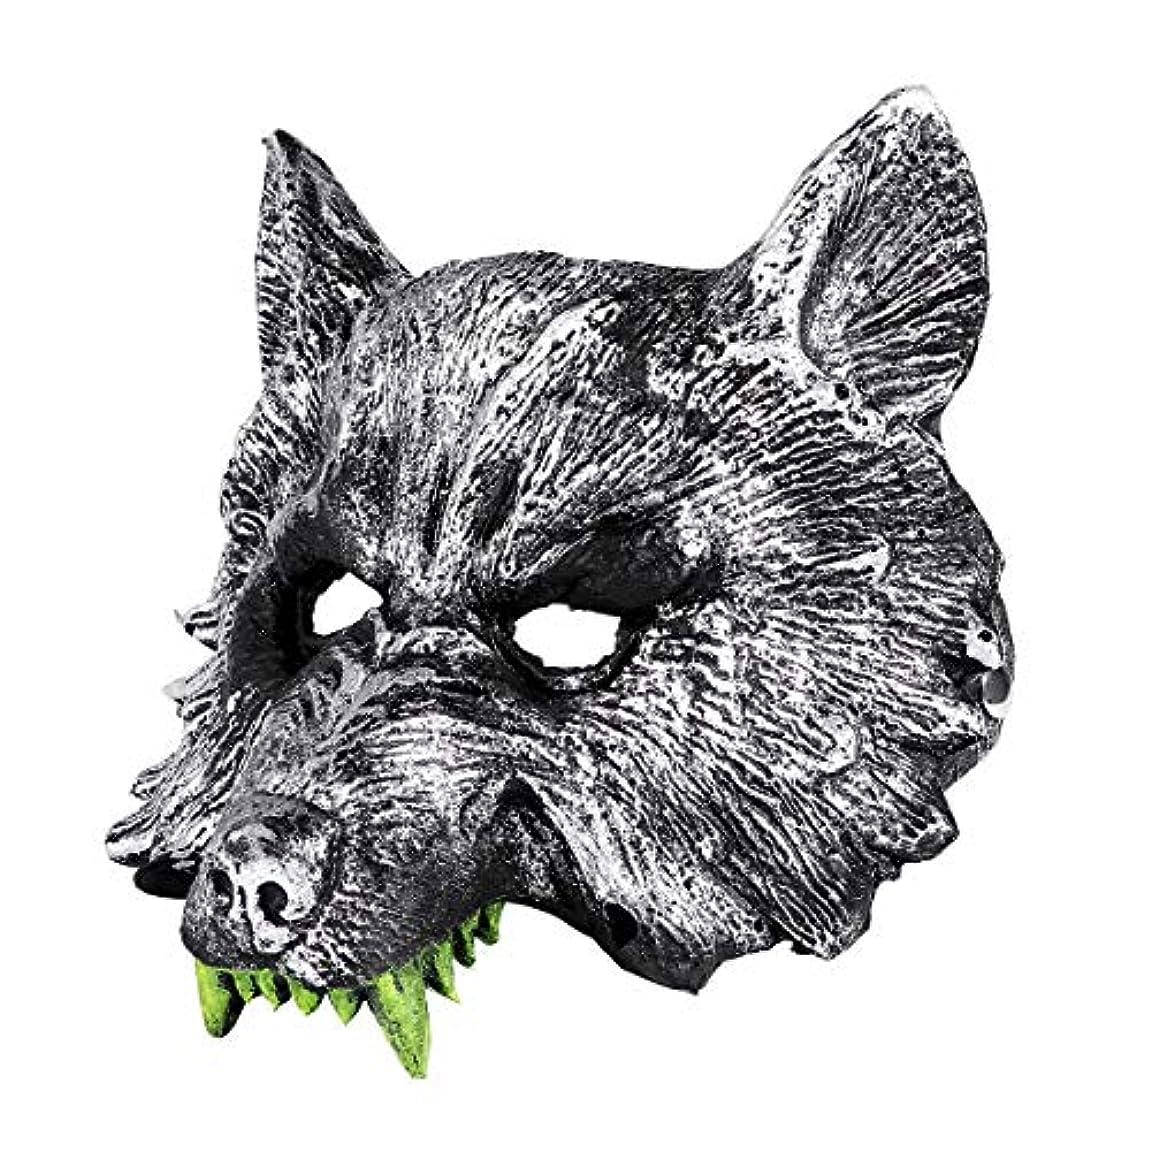 ヘルシー過半数所有者コスプレハロウィーン仮装のためのNUOLUX灰色オオカミヘッドマスクファンシードレスパーティー小道具